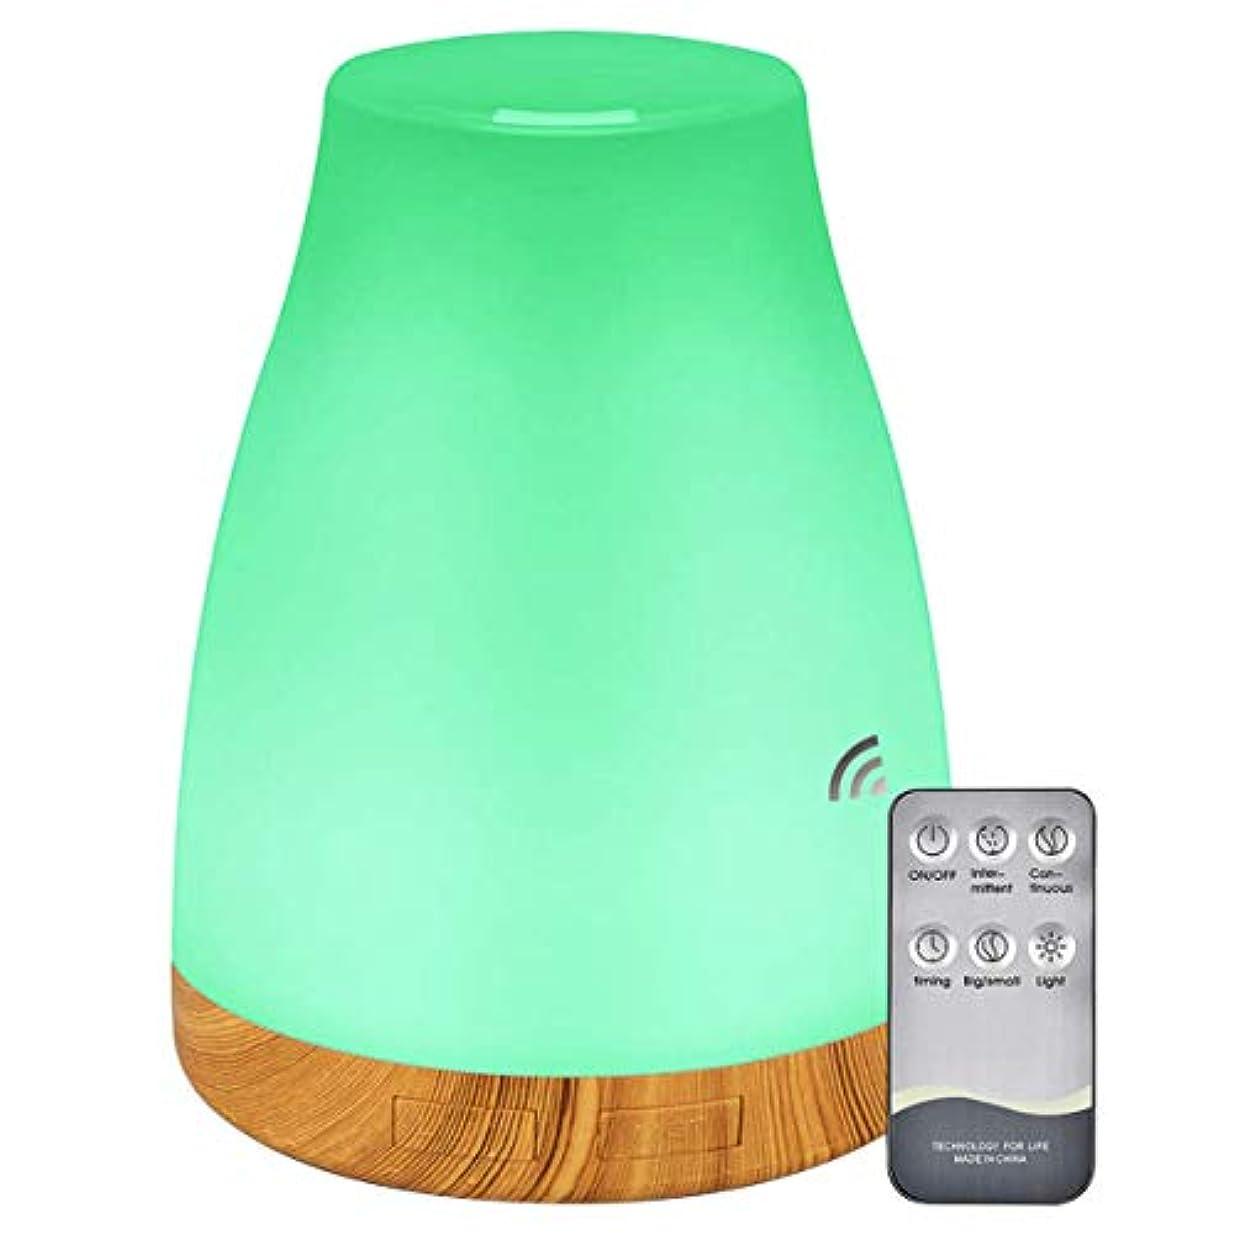 ペレグリネーション発明獲物Healifty 300ミリリットルエッセンシャルオイルディフューザーリモートコントロール木製穀物ledボトル形状アロマディフューザー加湿器用ヨガルーム寝室オフィス